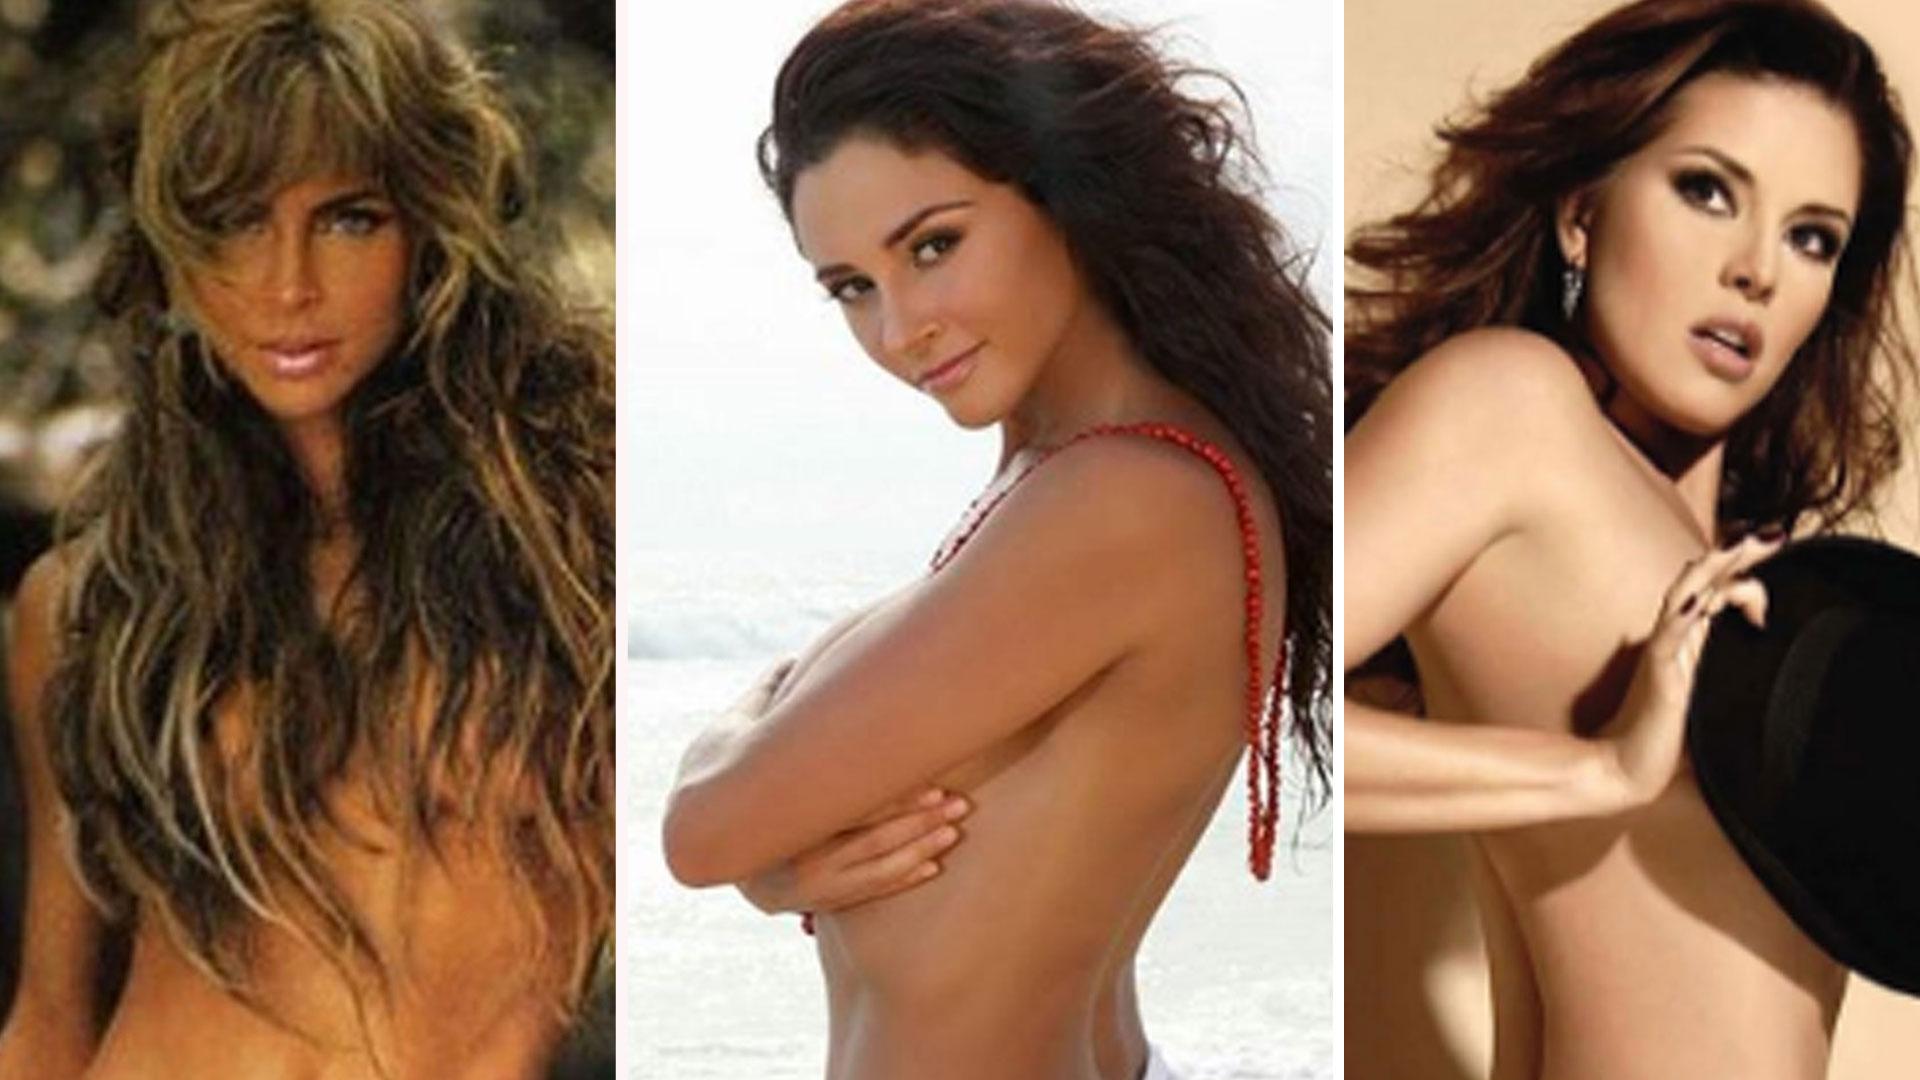 Cantantes famosas desnudas